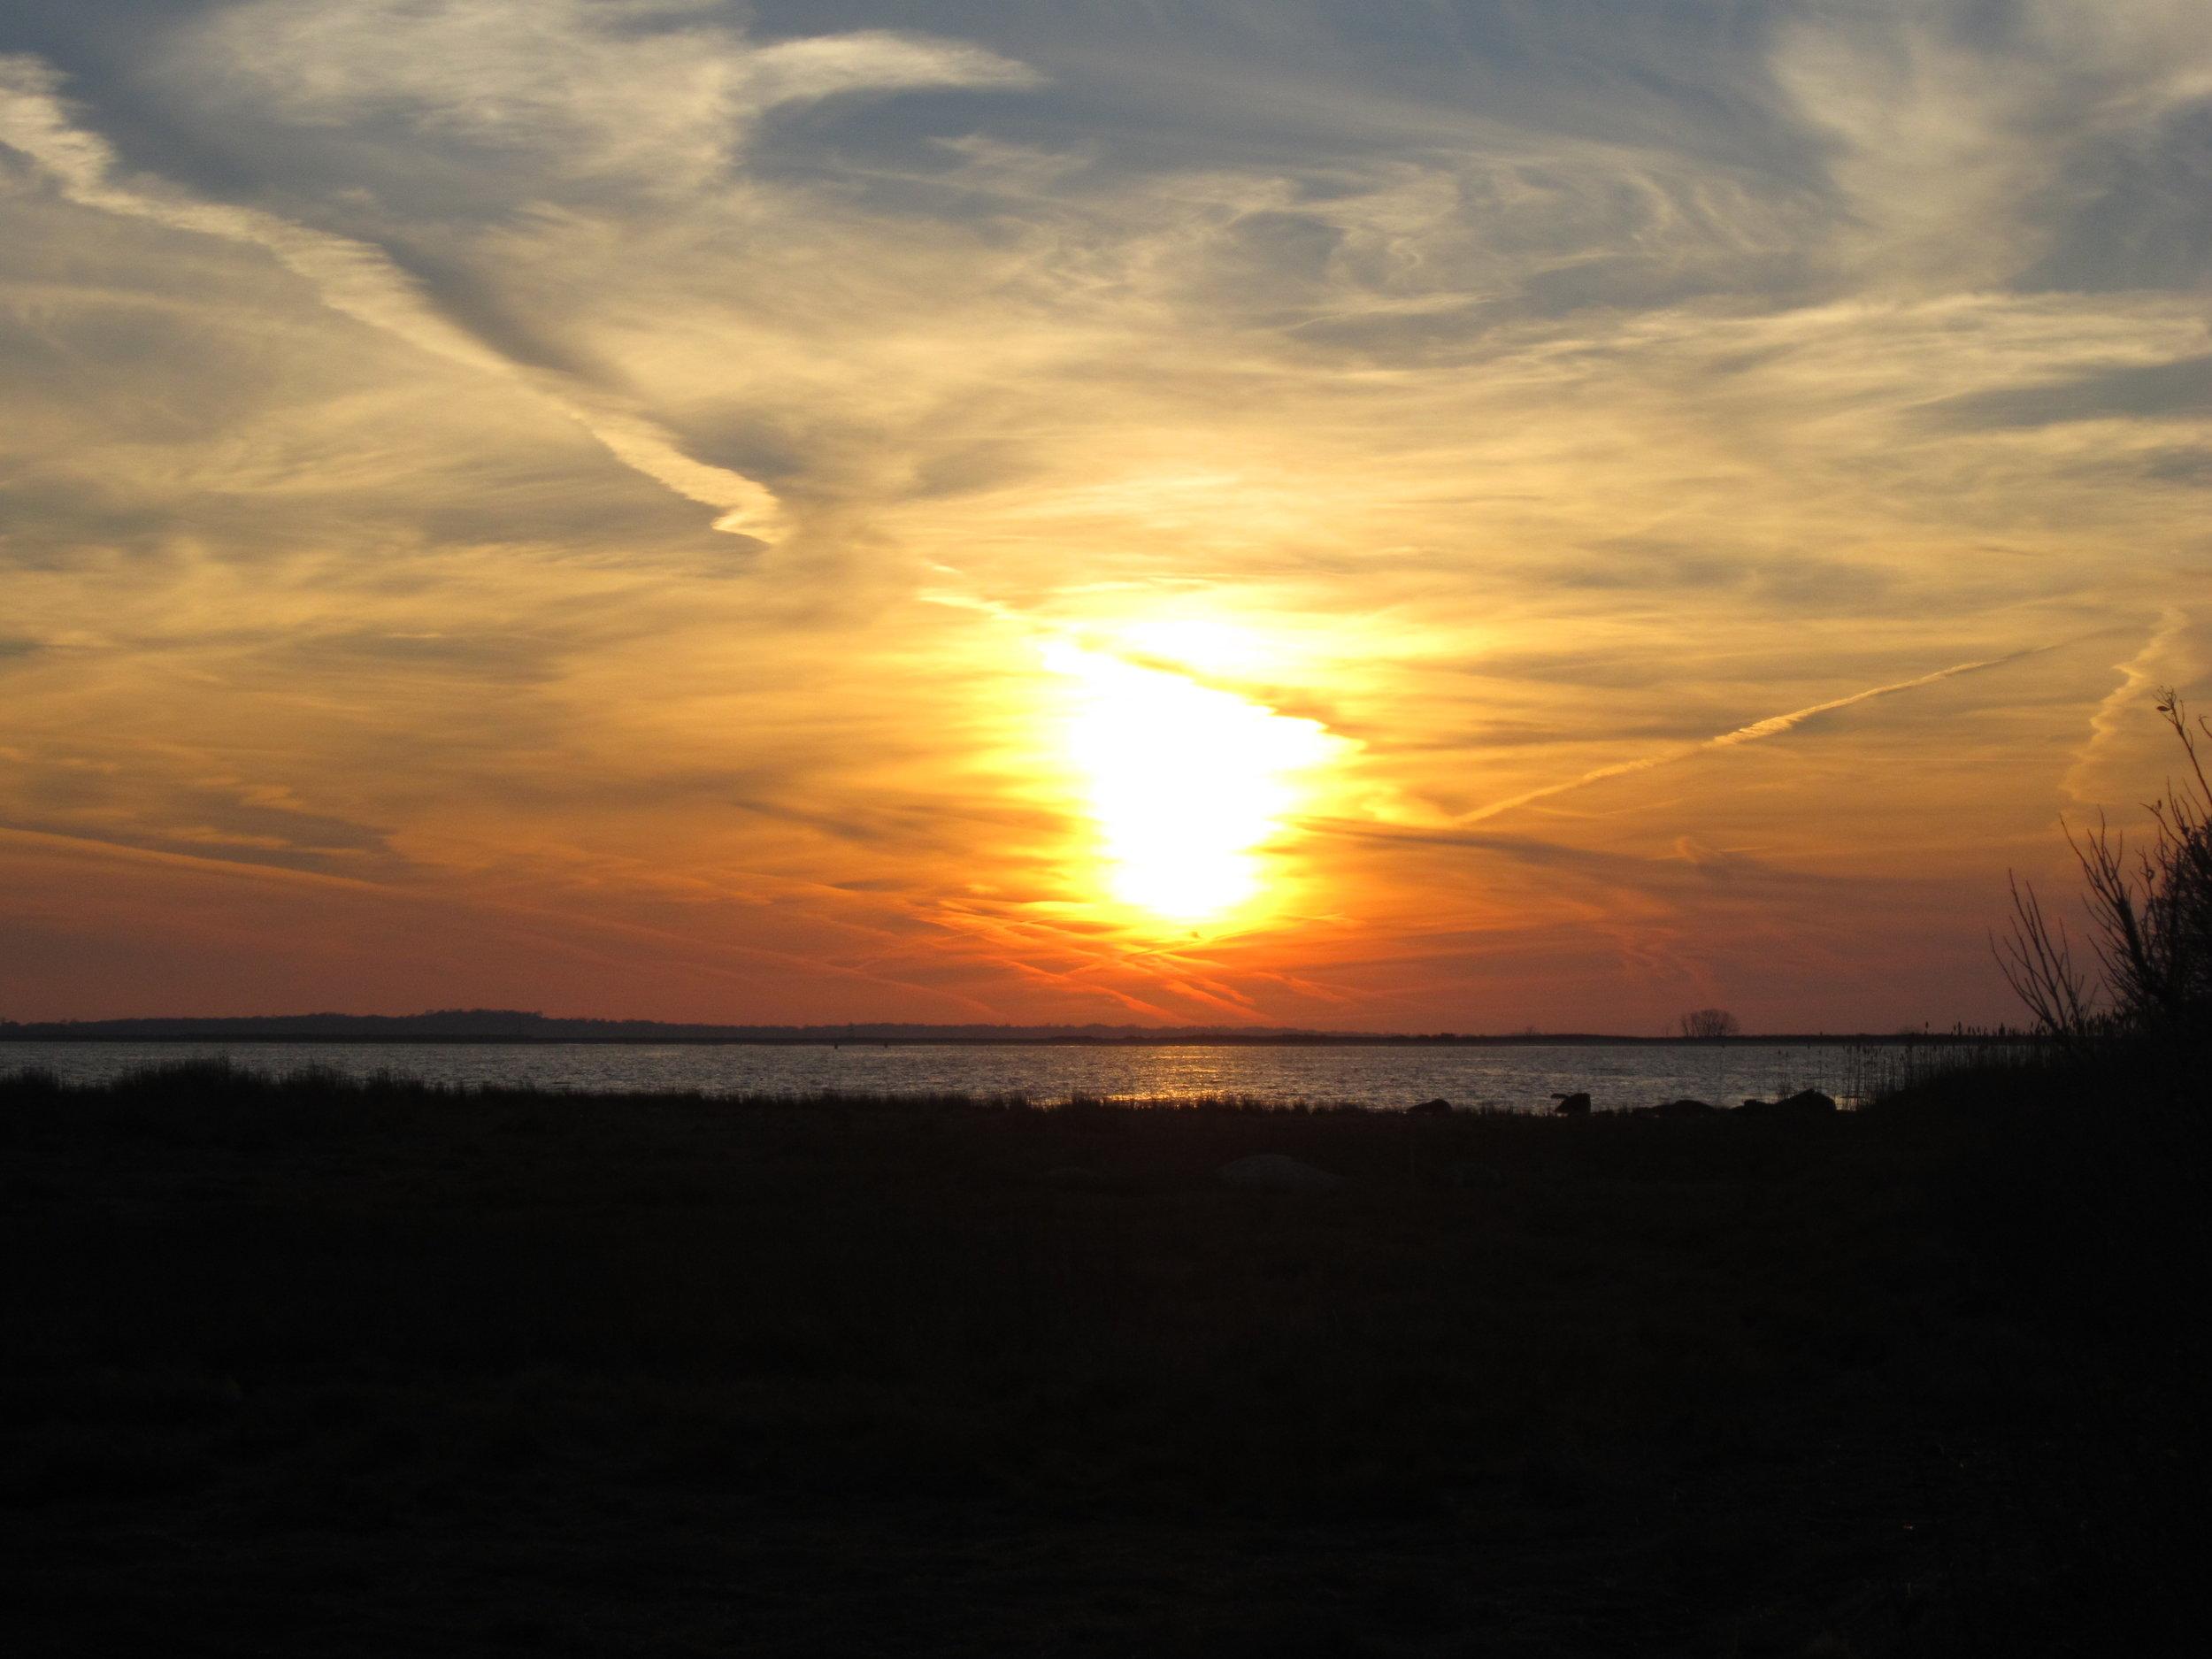 barn island sunset photo: S. Simm